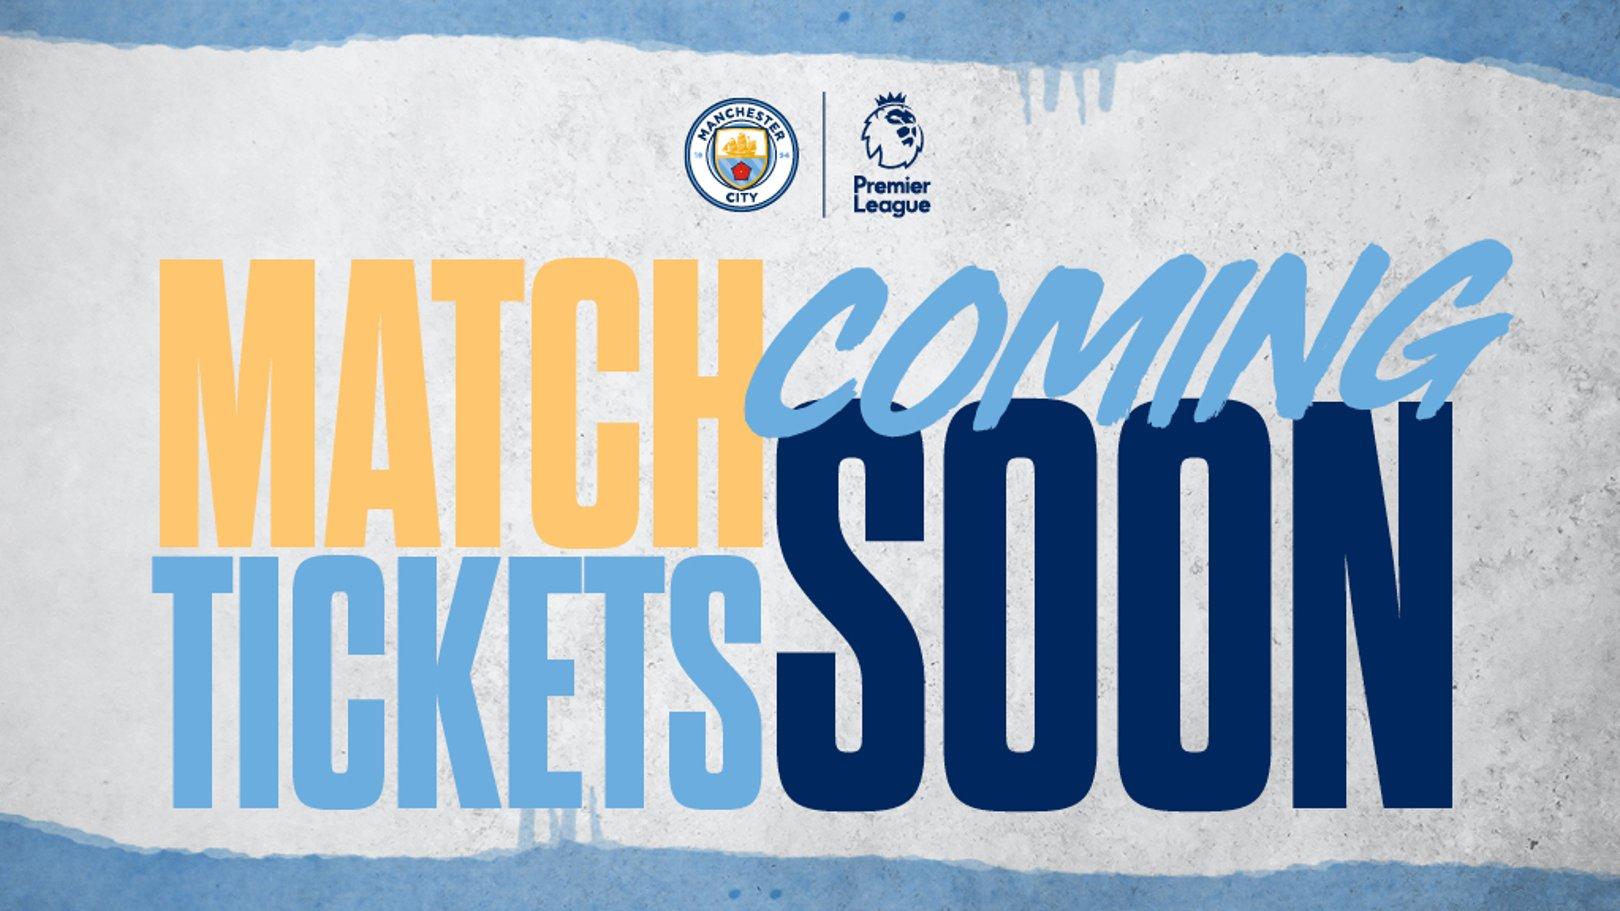 7월 26일부터 판매 시작하는 모든 프리미어리그 홈경기 티켓